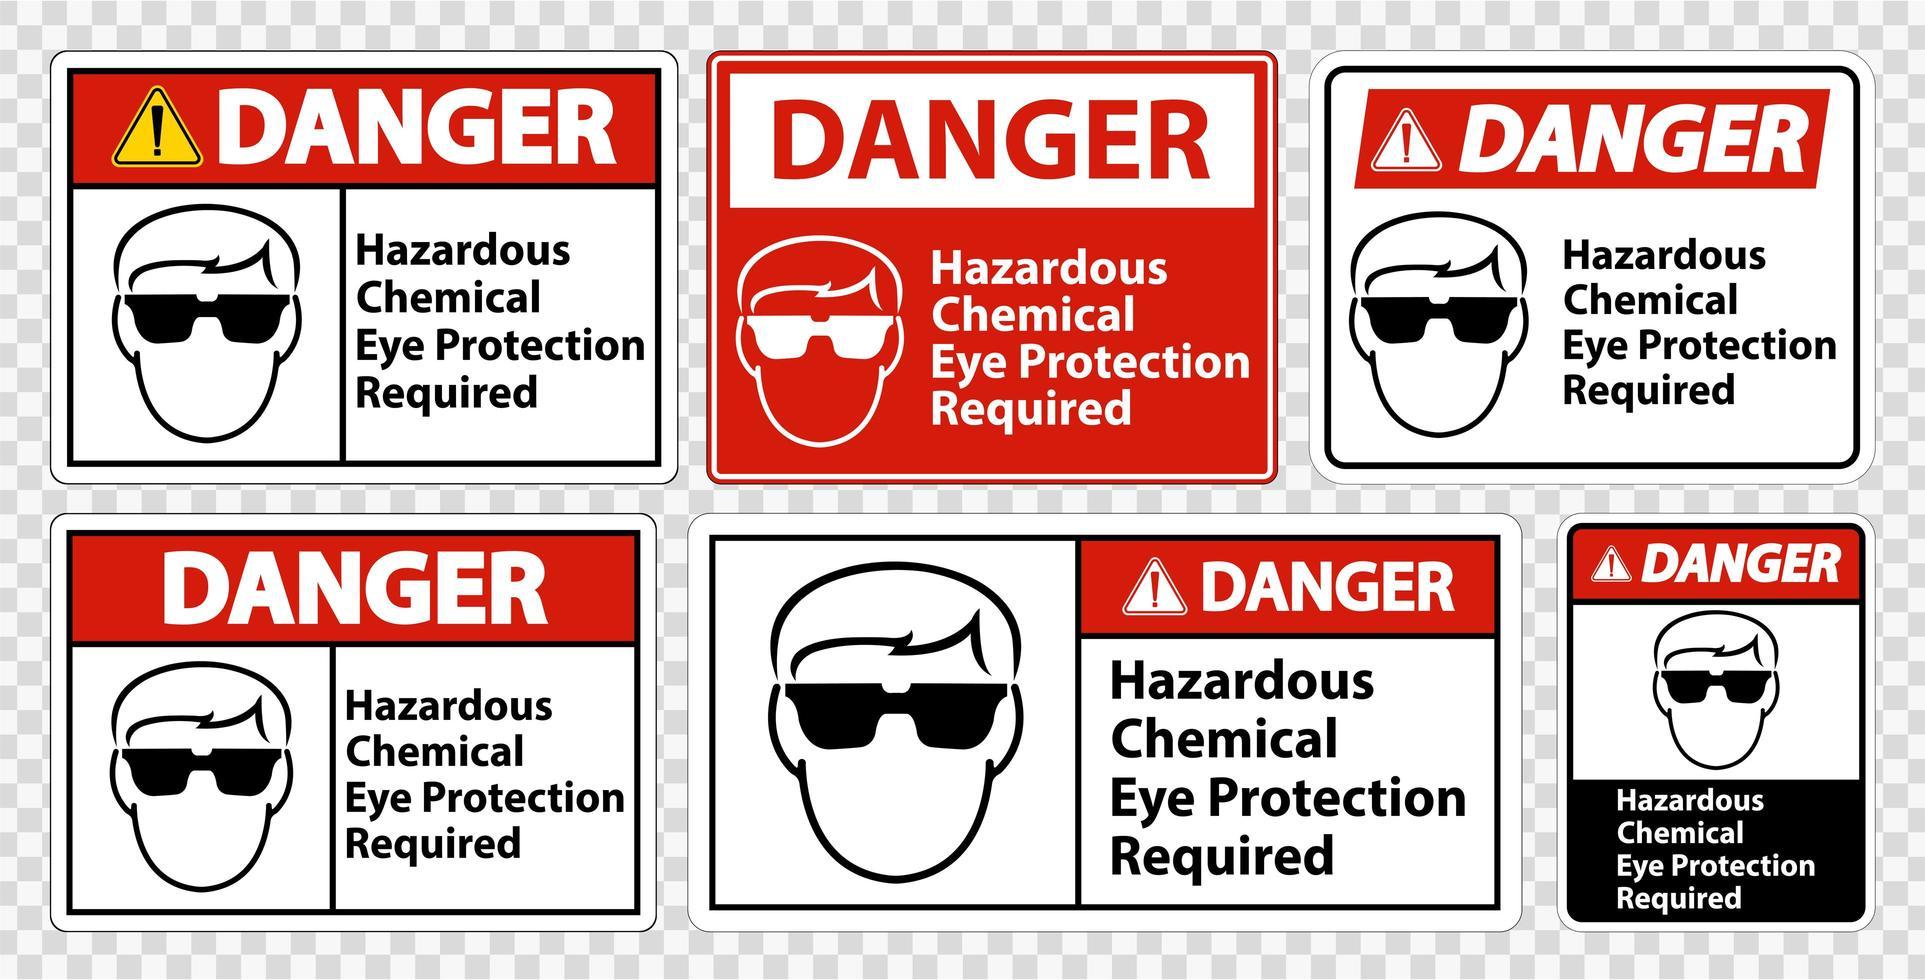 segni di protezione dagli occhi chimici pericolosi richiesti vettore